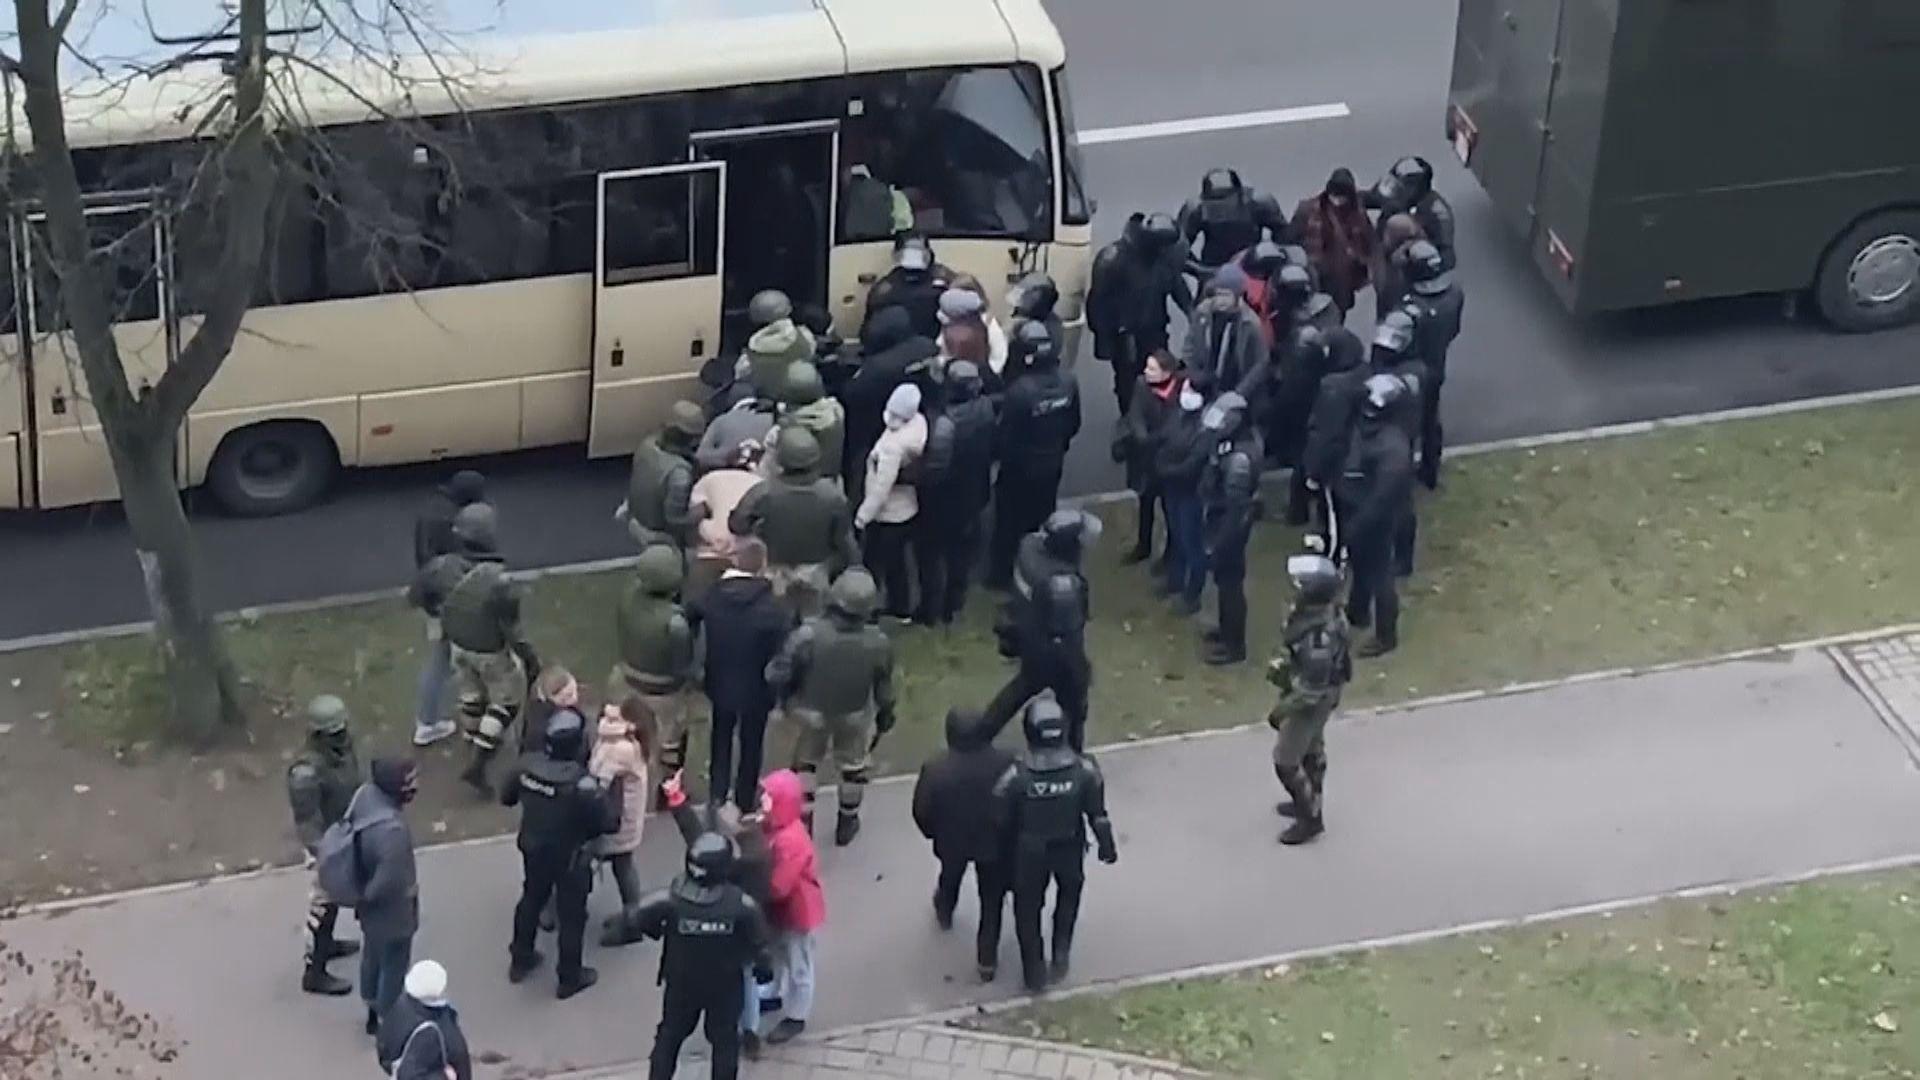 白俄羅斯反政府示威持續 警放催淚彈逾九百人被捕